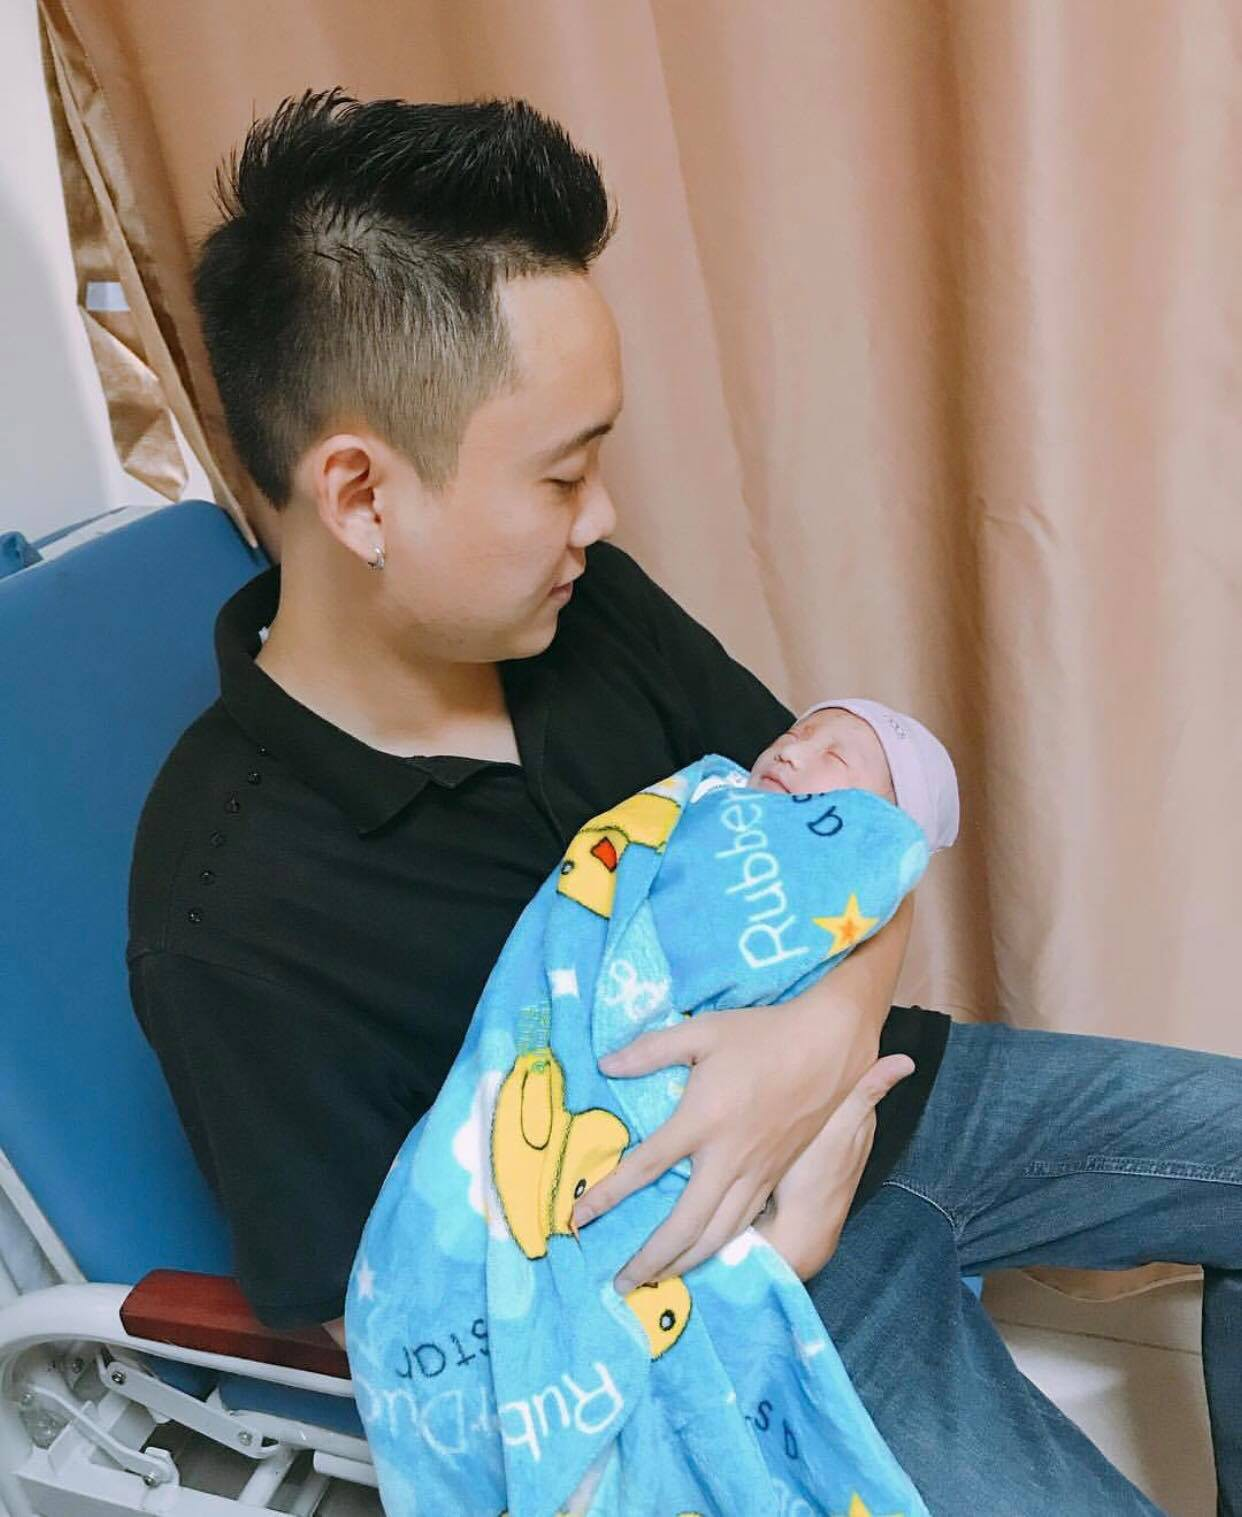 """Justa Tee khoe ảnh con gái đầu lòng, gọi vợ là """"người hùng của ngày hôm nay"""" - Ảnh 2."""